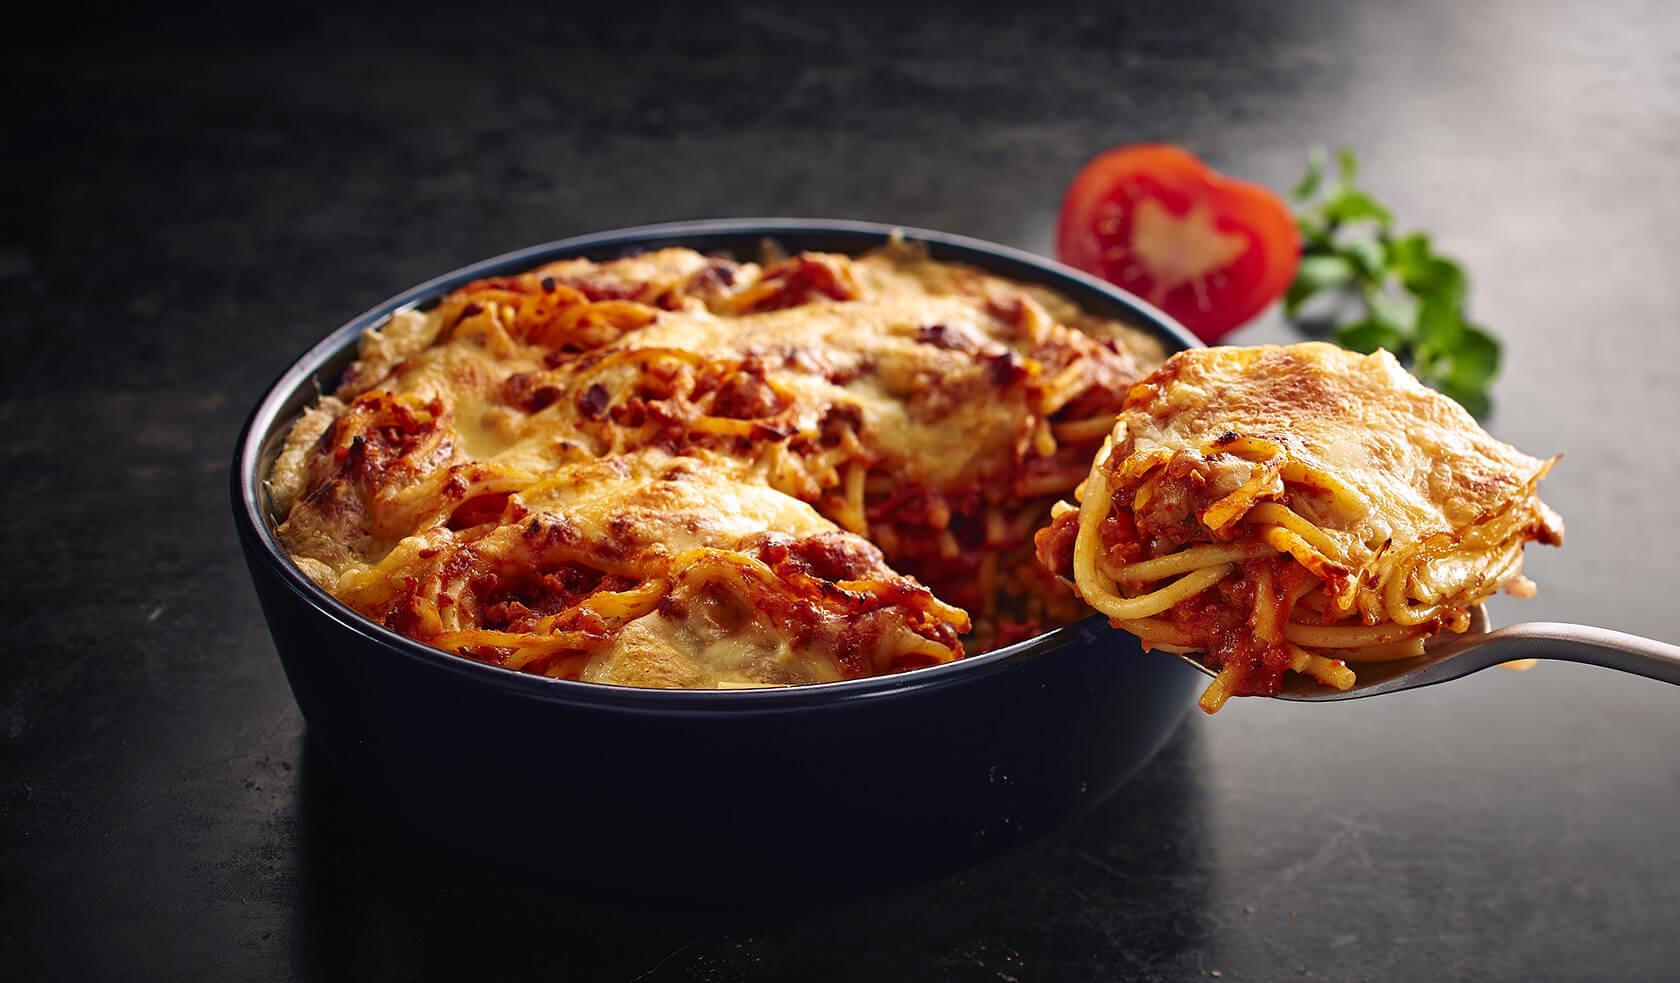 Kidz Spaghetti Bolognese